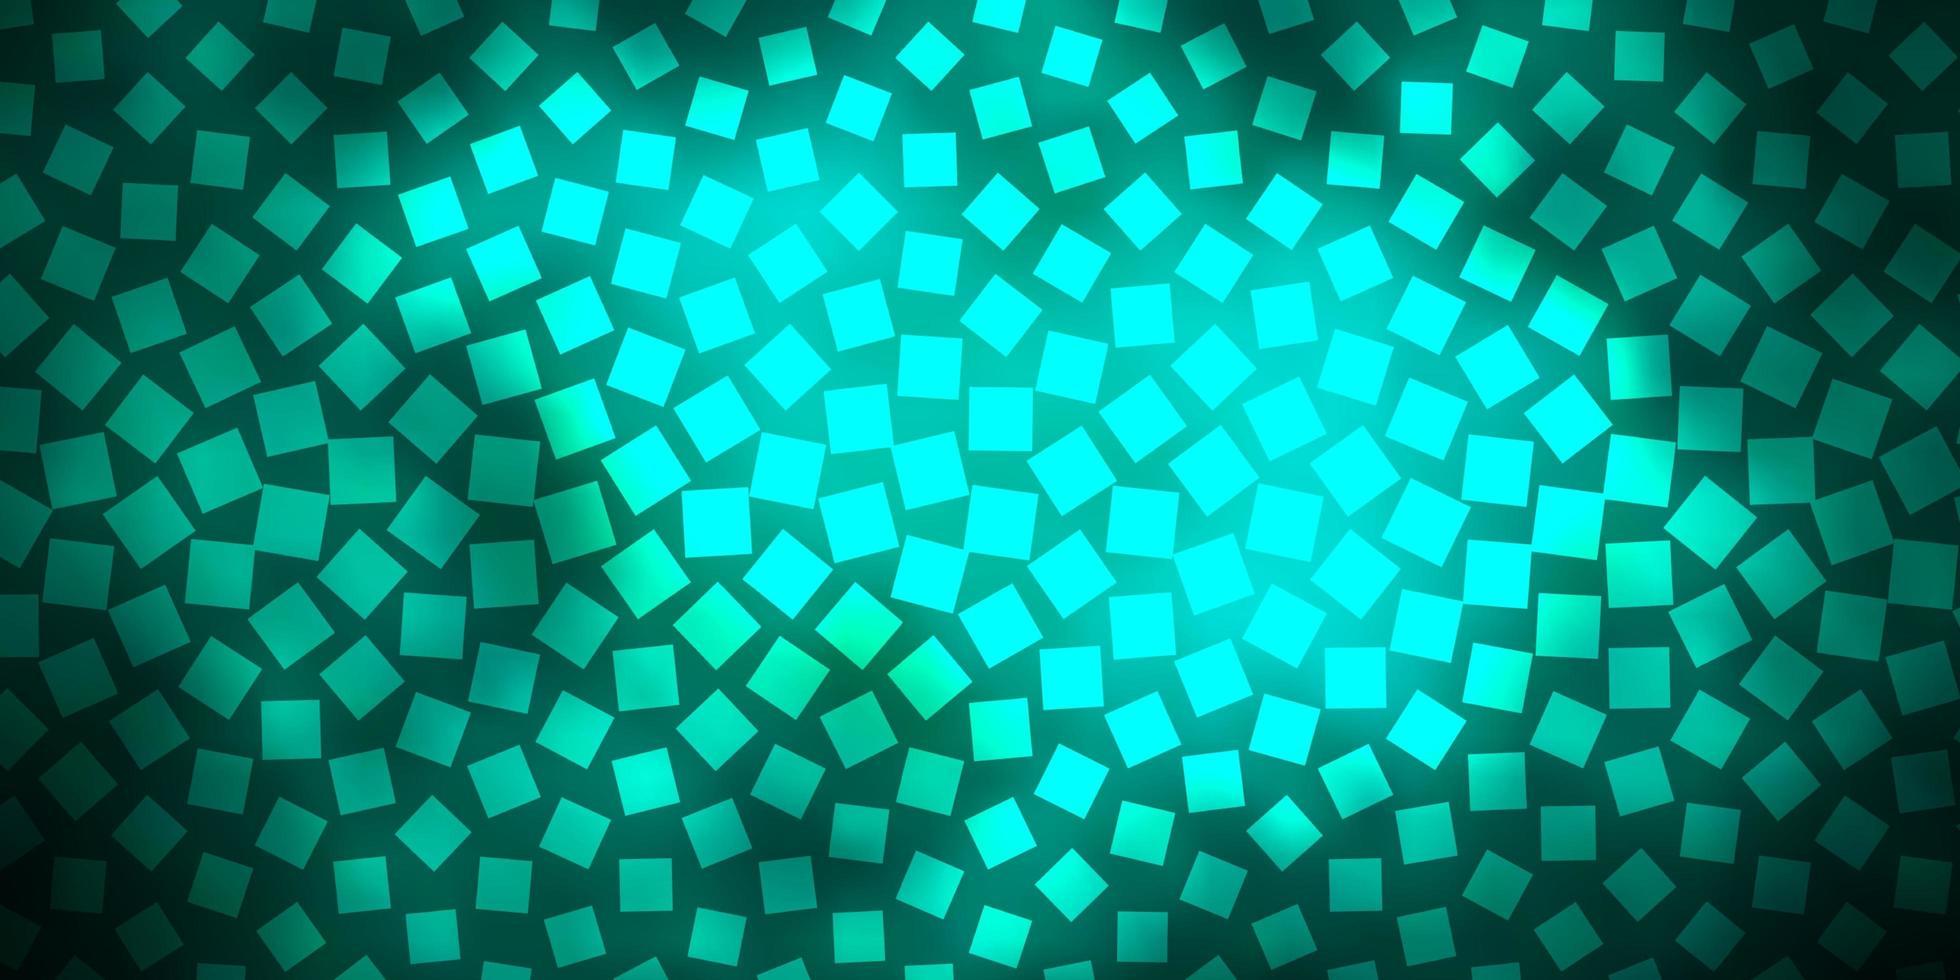 dunkelgrünes Vektorlayout mit Linien, Rechtecken. vektor